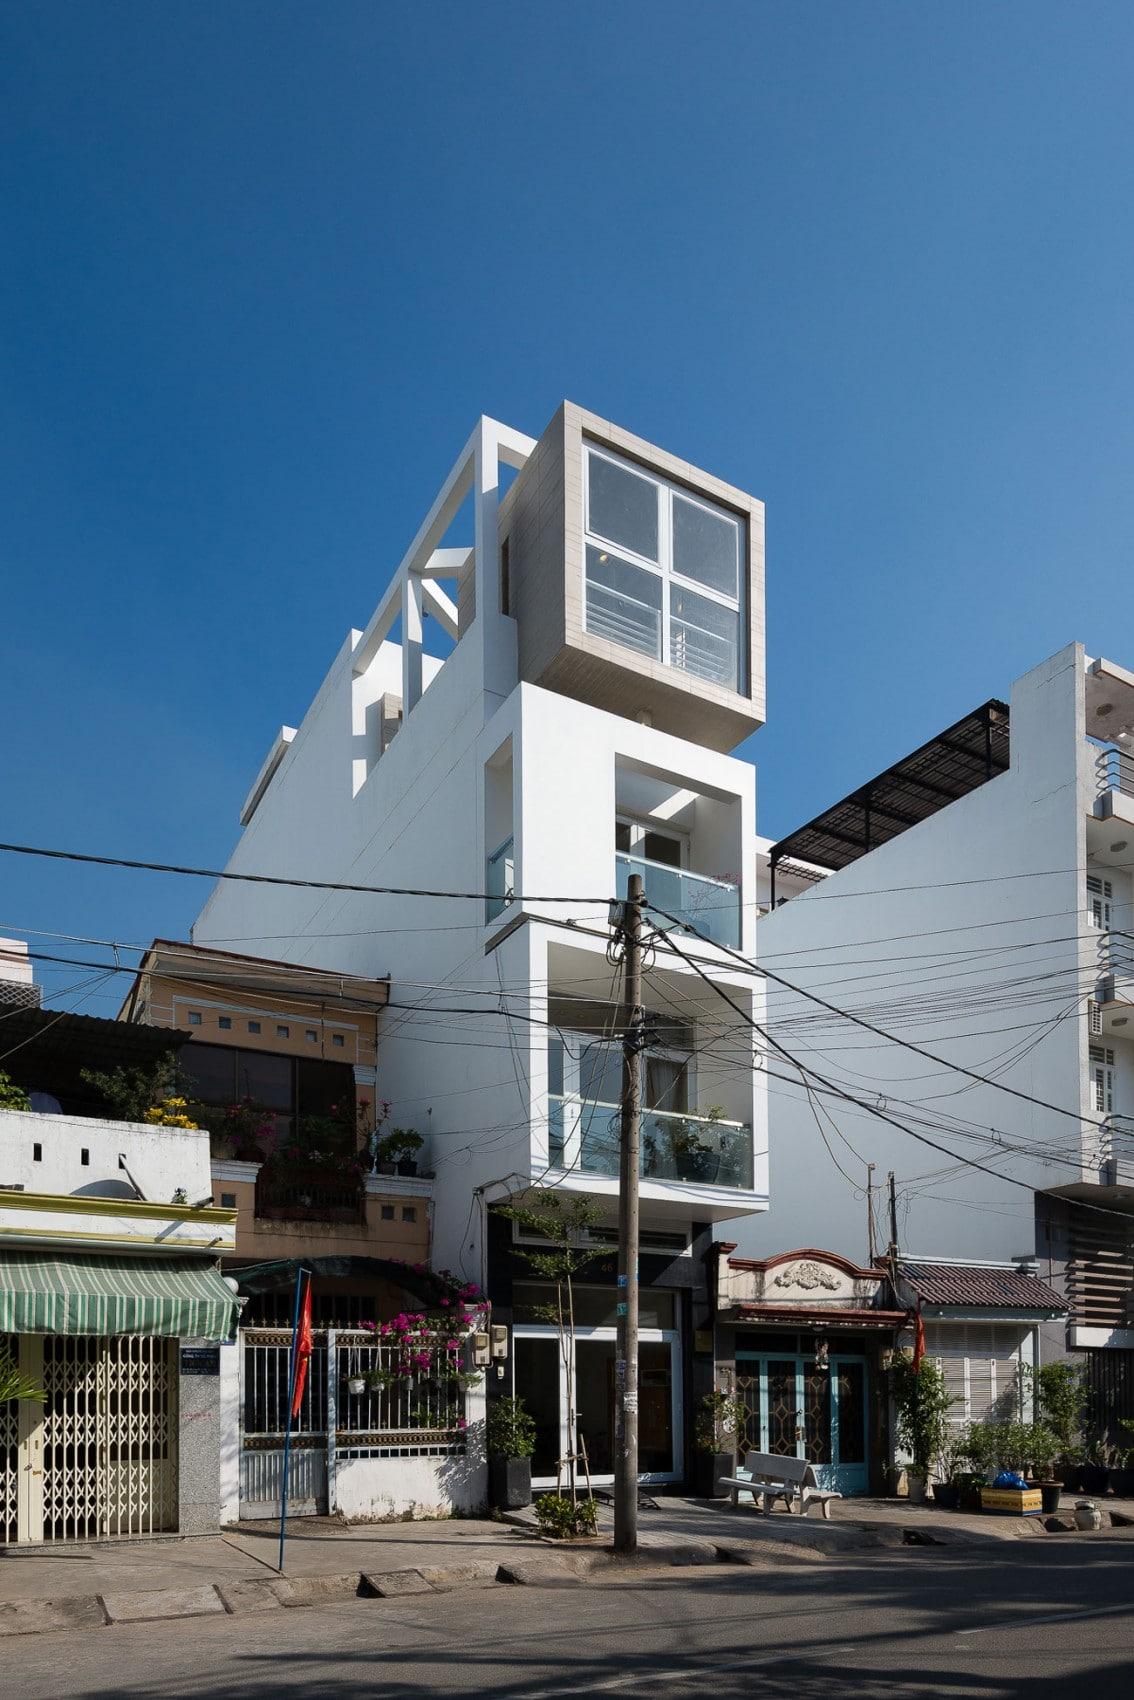 Dise o de casas angostas y largas for Fachadas modernas para casas de tres pisos